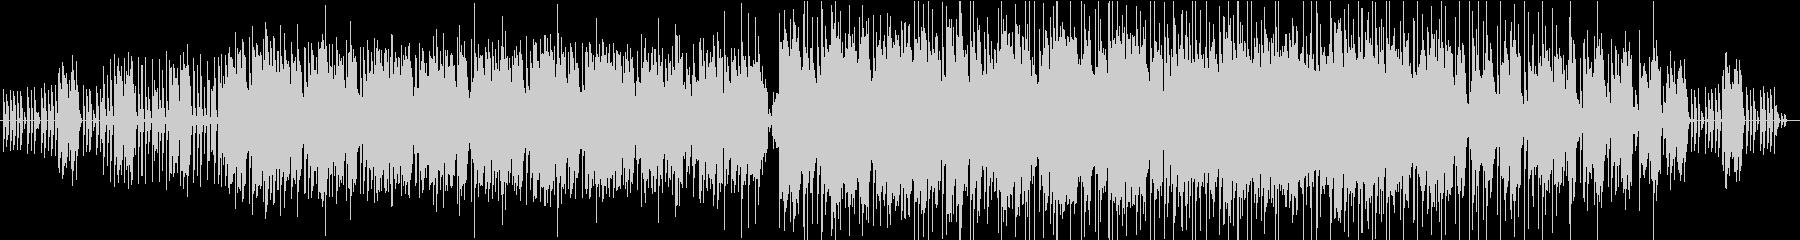 ホラー系ミステリアス、エンディング曲の未再生の波形